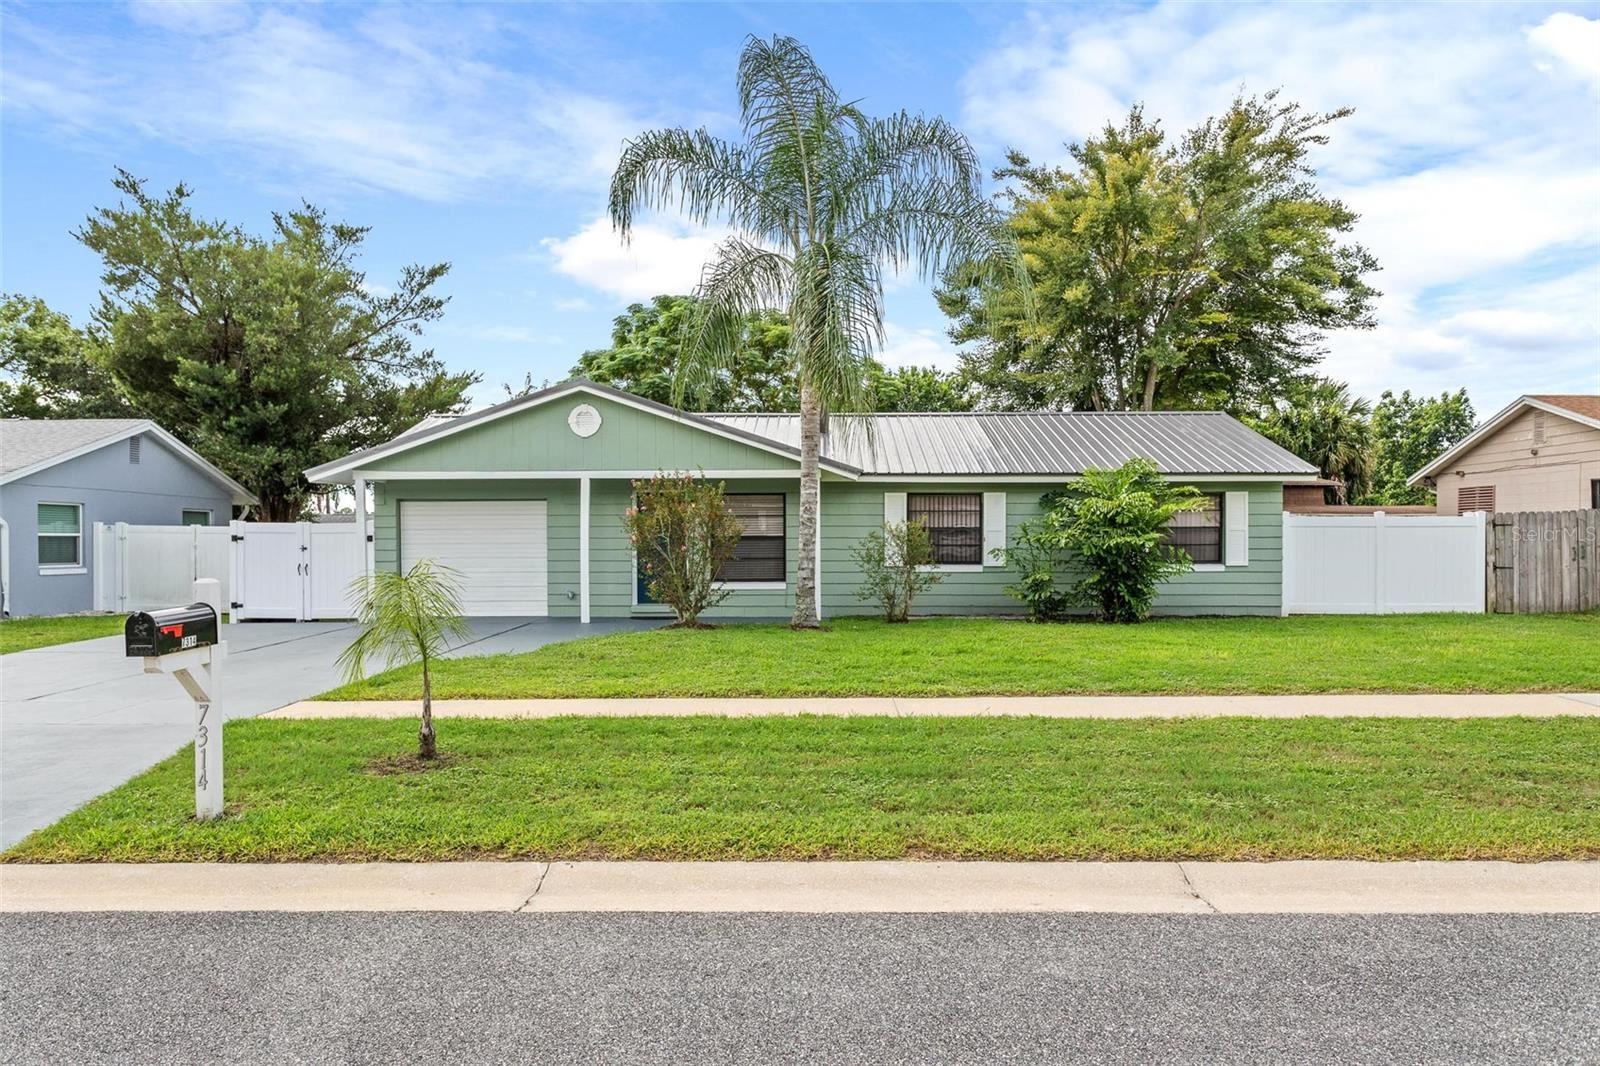 7314 GLASGOW AVENUE, Orlando, FL 32819 - #: O5974271